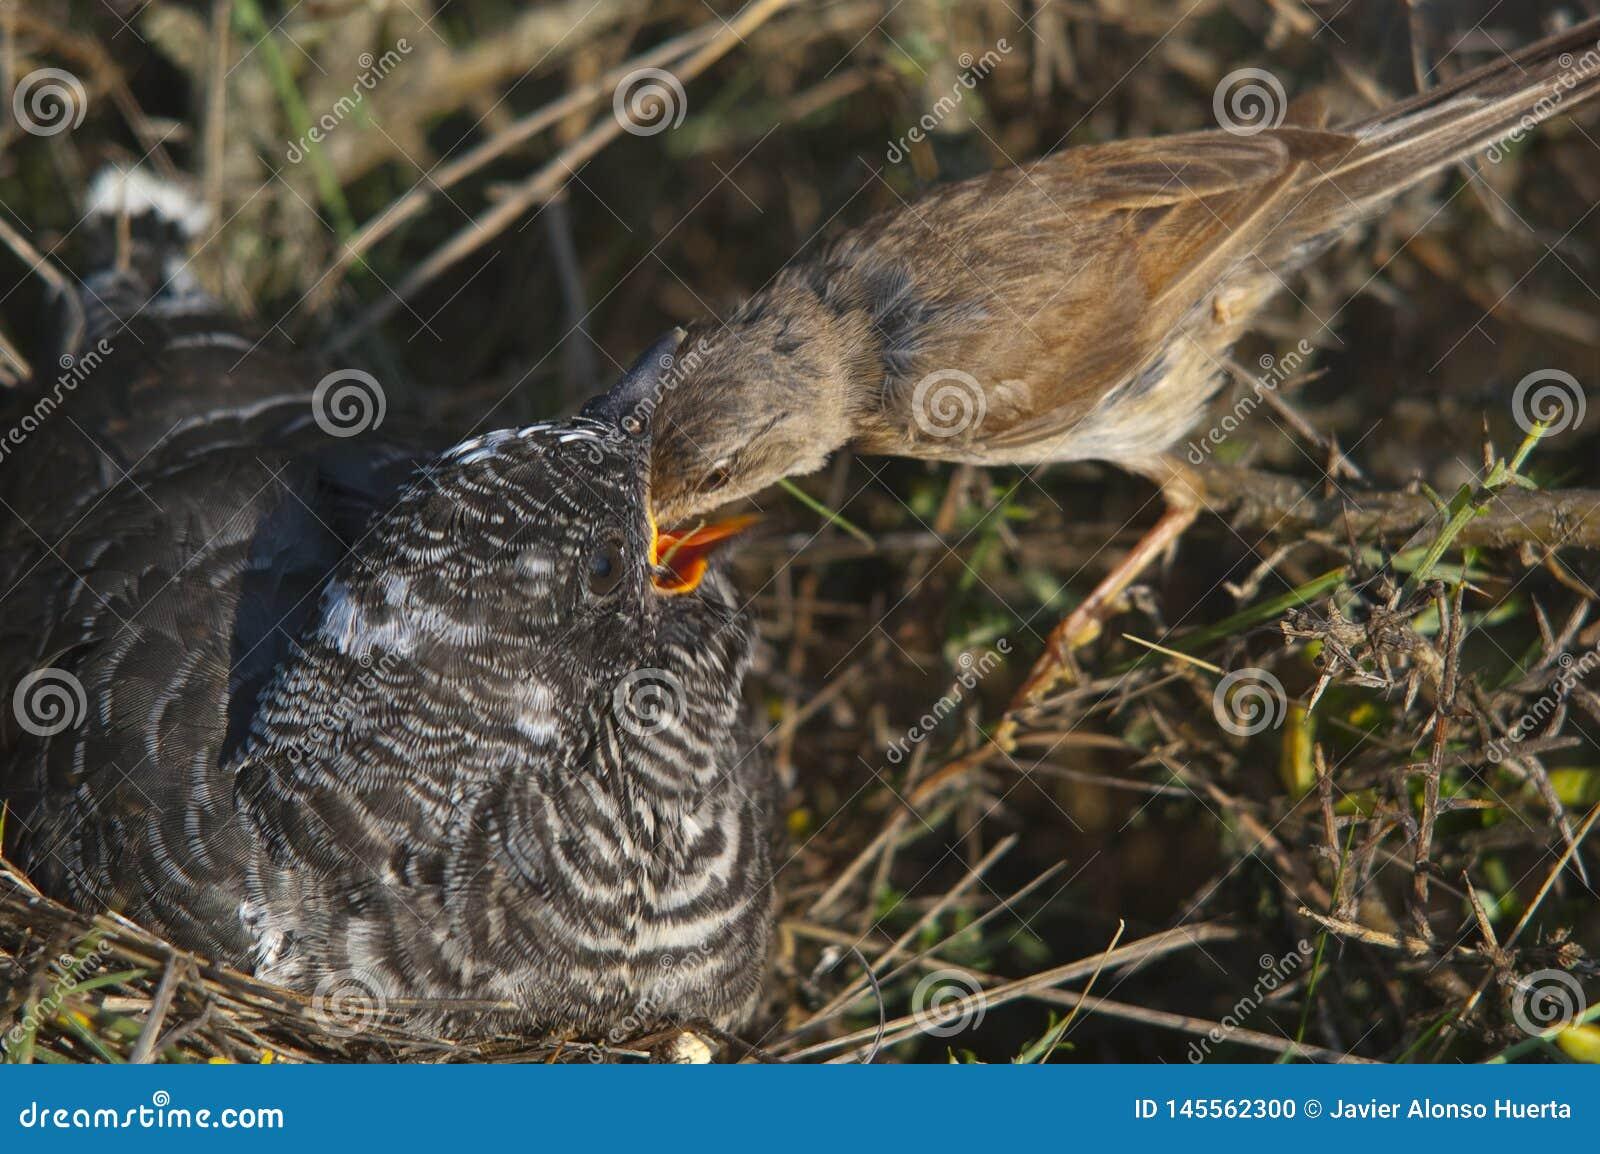 Cuco común - joven del canorus del Cuculus en la jerarquía - conspicillata de Sylvia - curruca con gafas